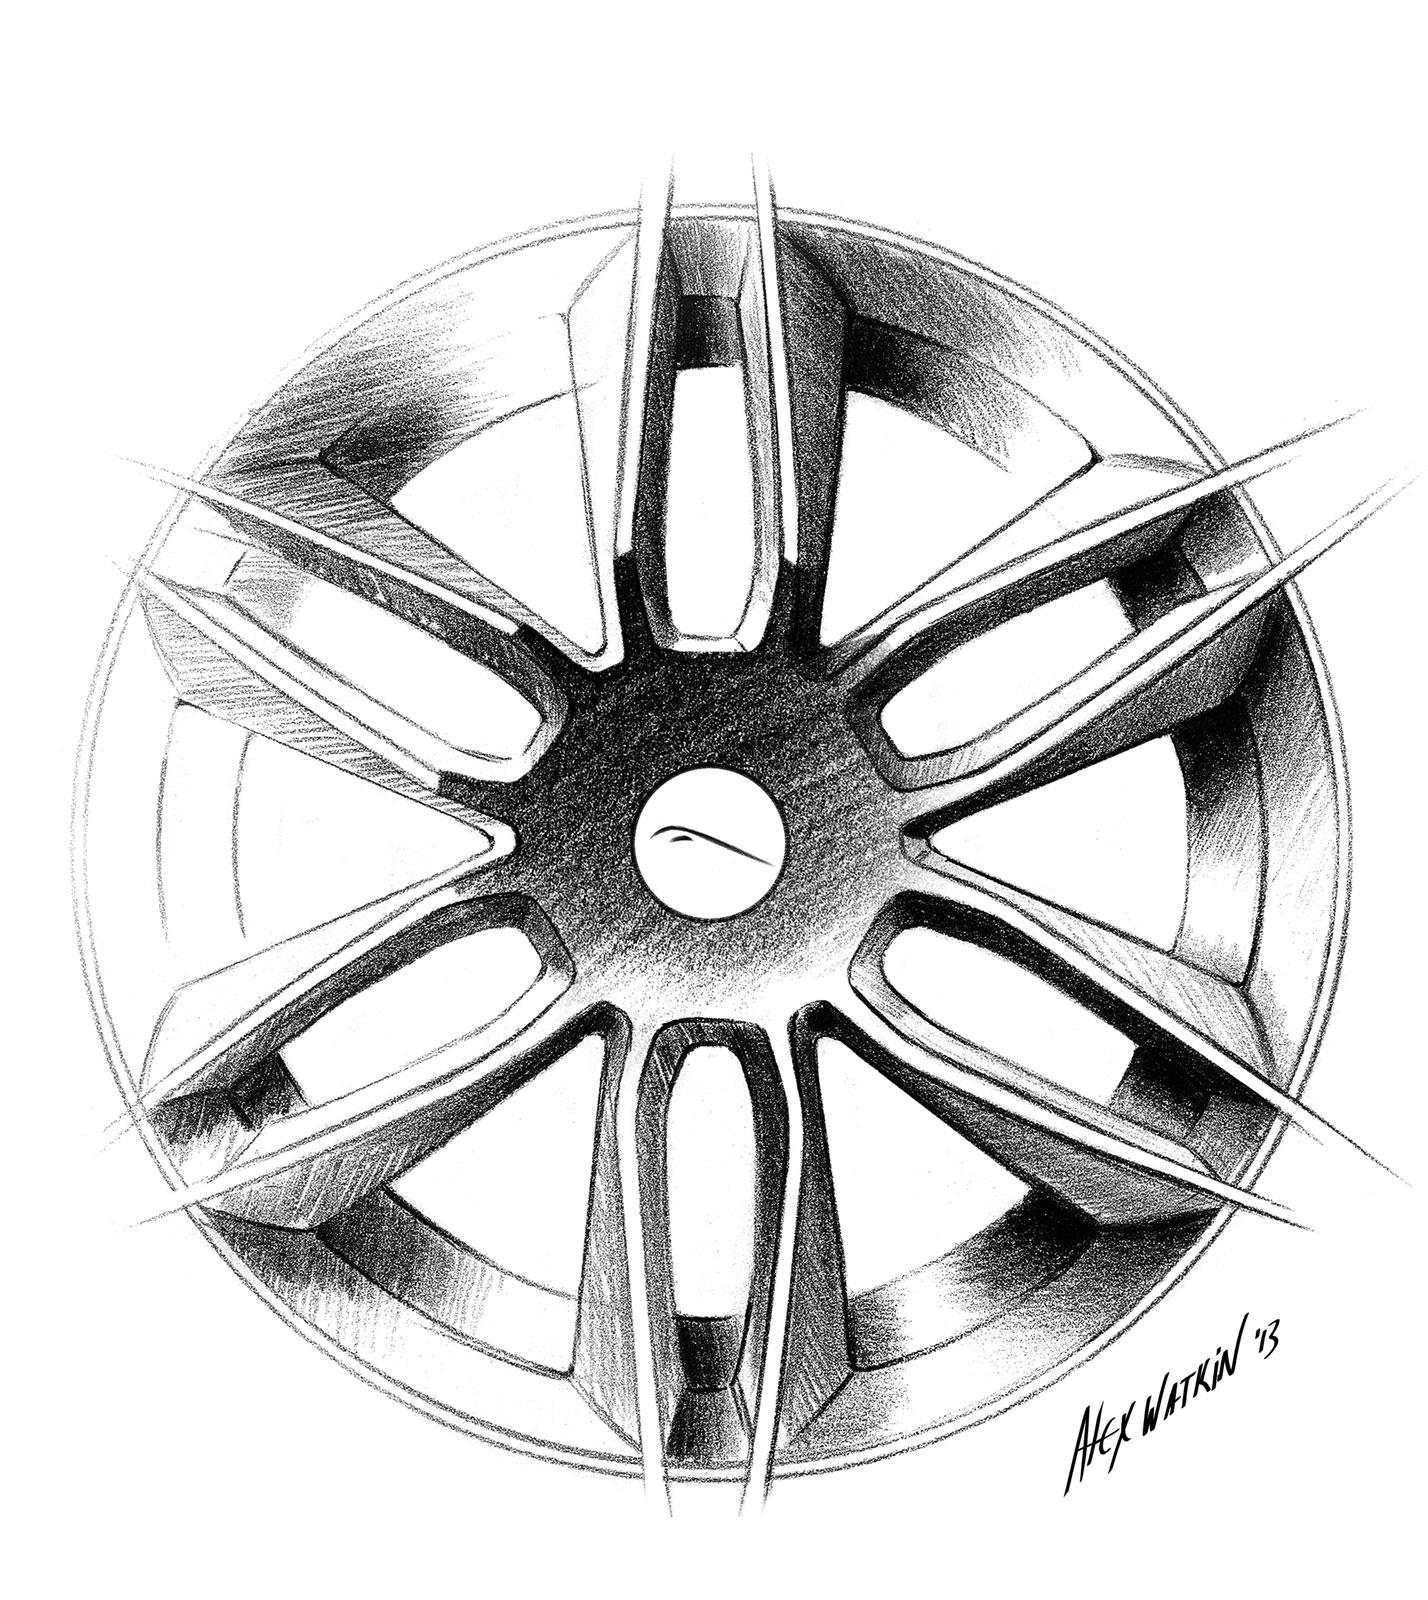 экспедиция рисунки диски для машин важно только